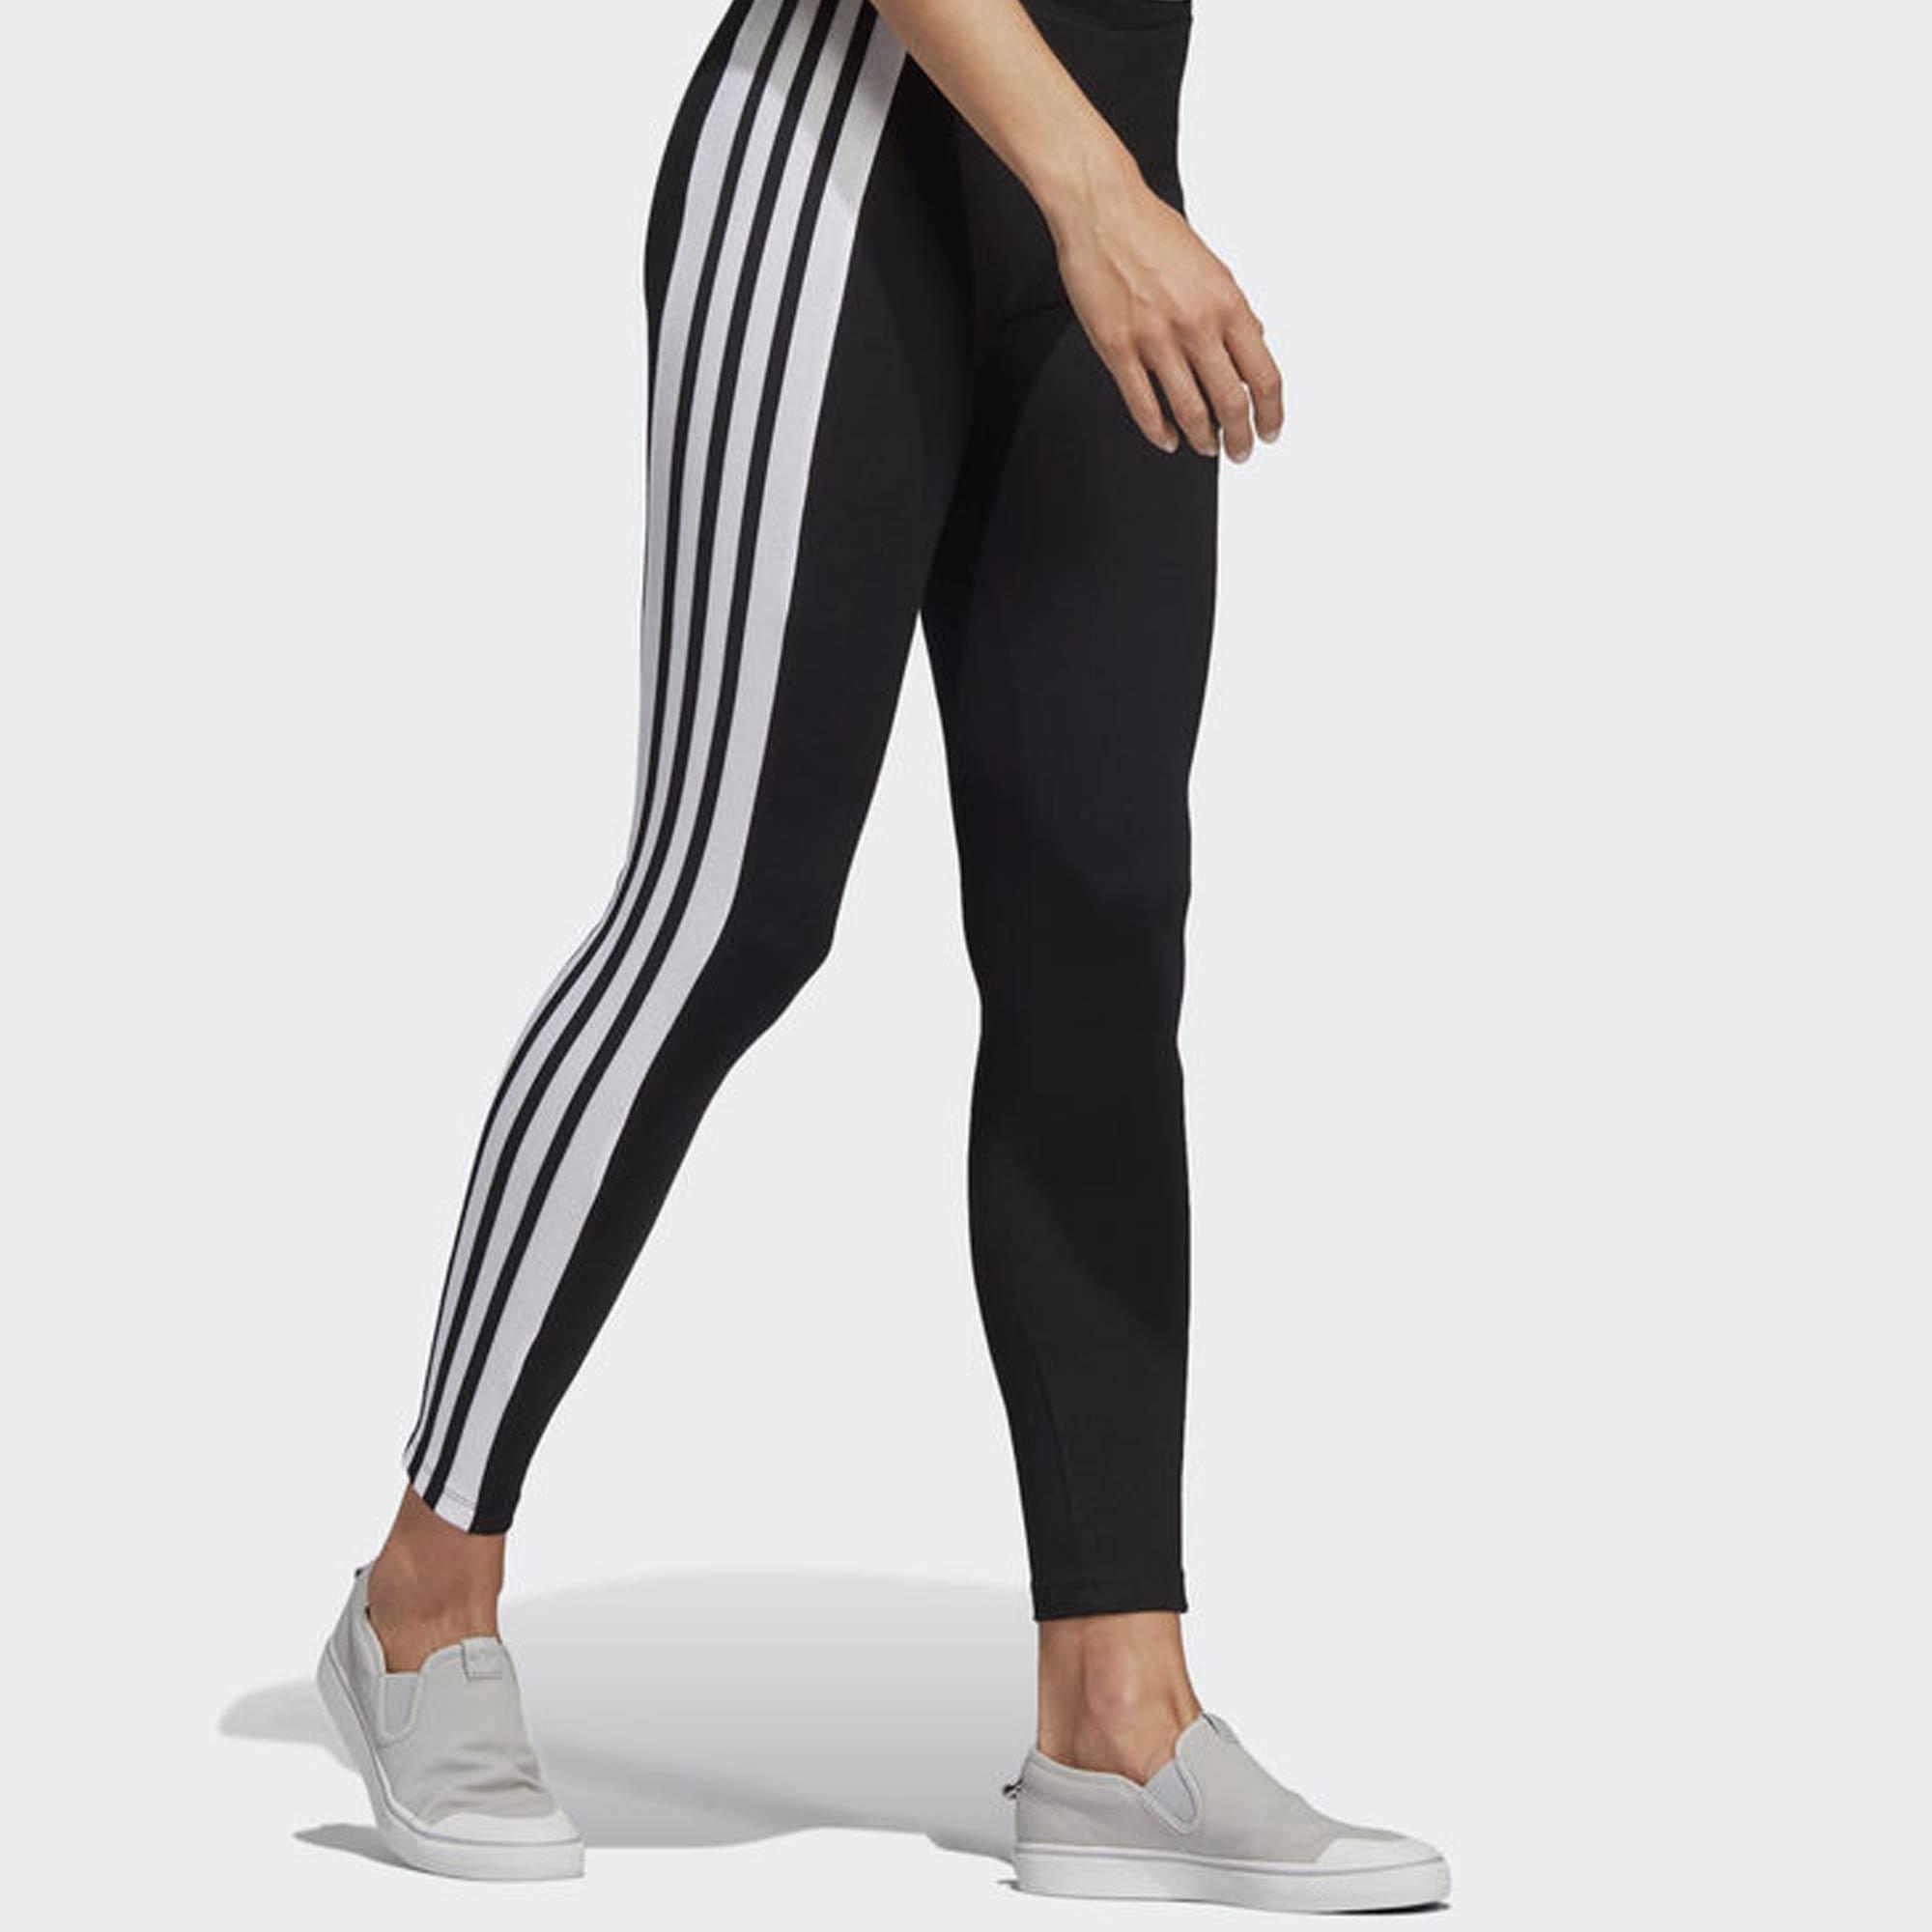 c77a8d50c8927 adidas Originals Womens Tights | Black | DU9877